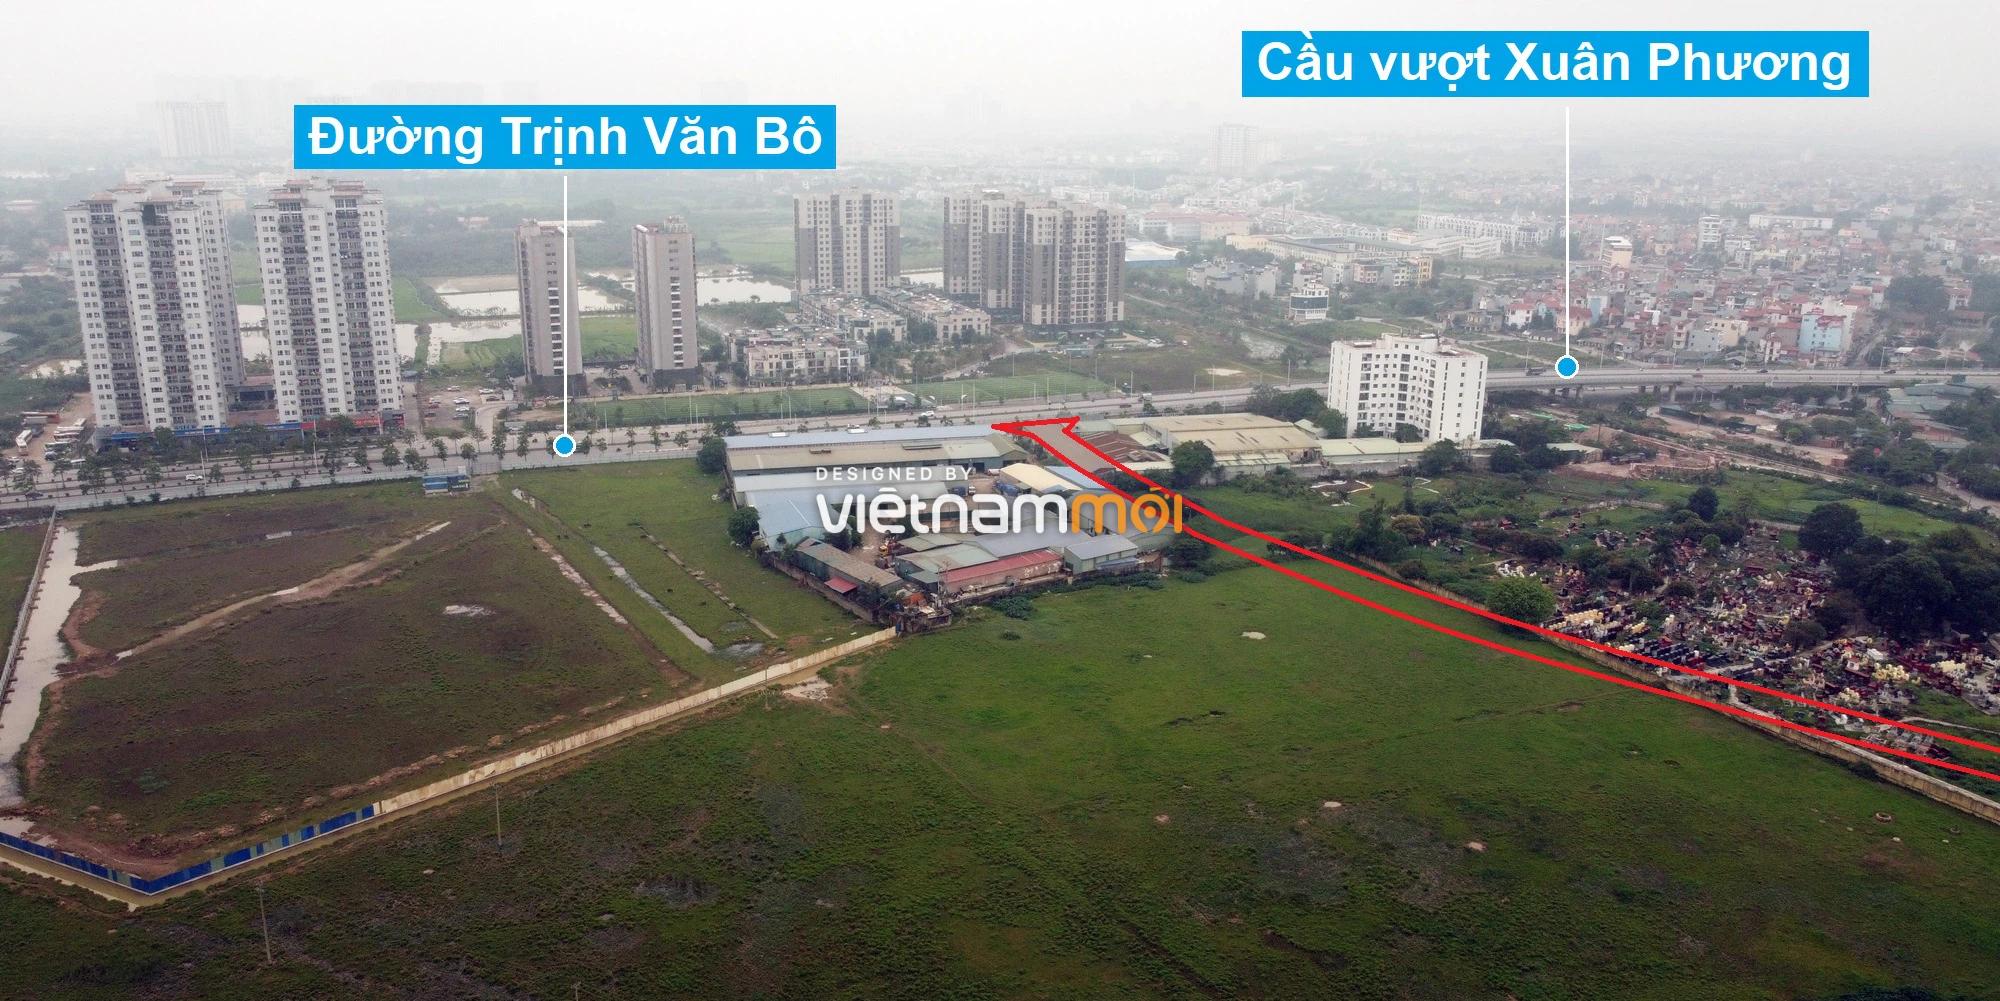 Những khu đất sắp thu hồi để mở đường ở phường Xuân Phương, Nam Từ Liêm, Hà Nội (phần 5) - Ảnh 4.